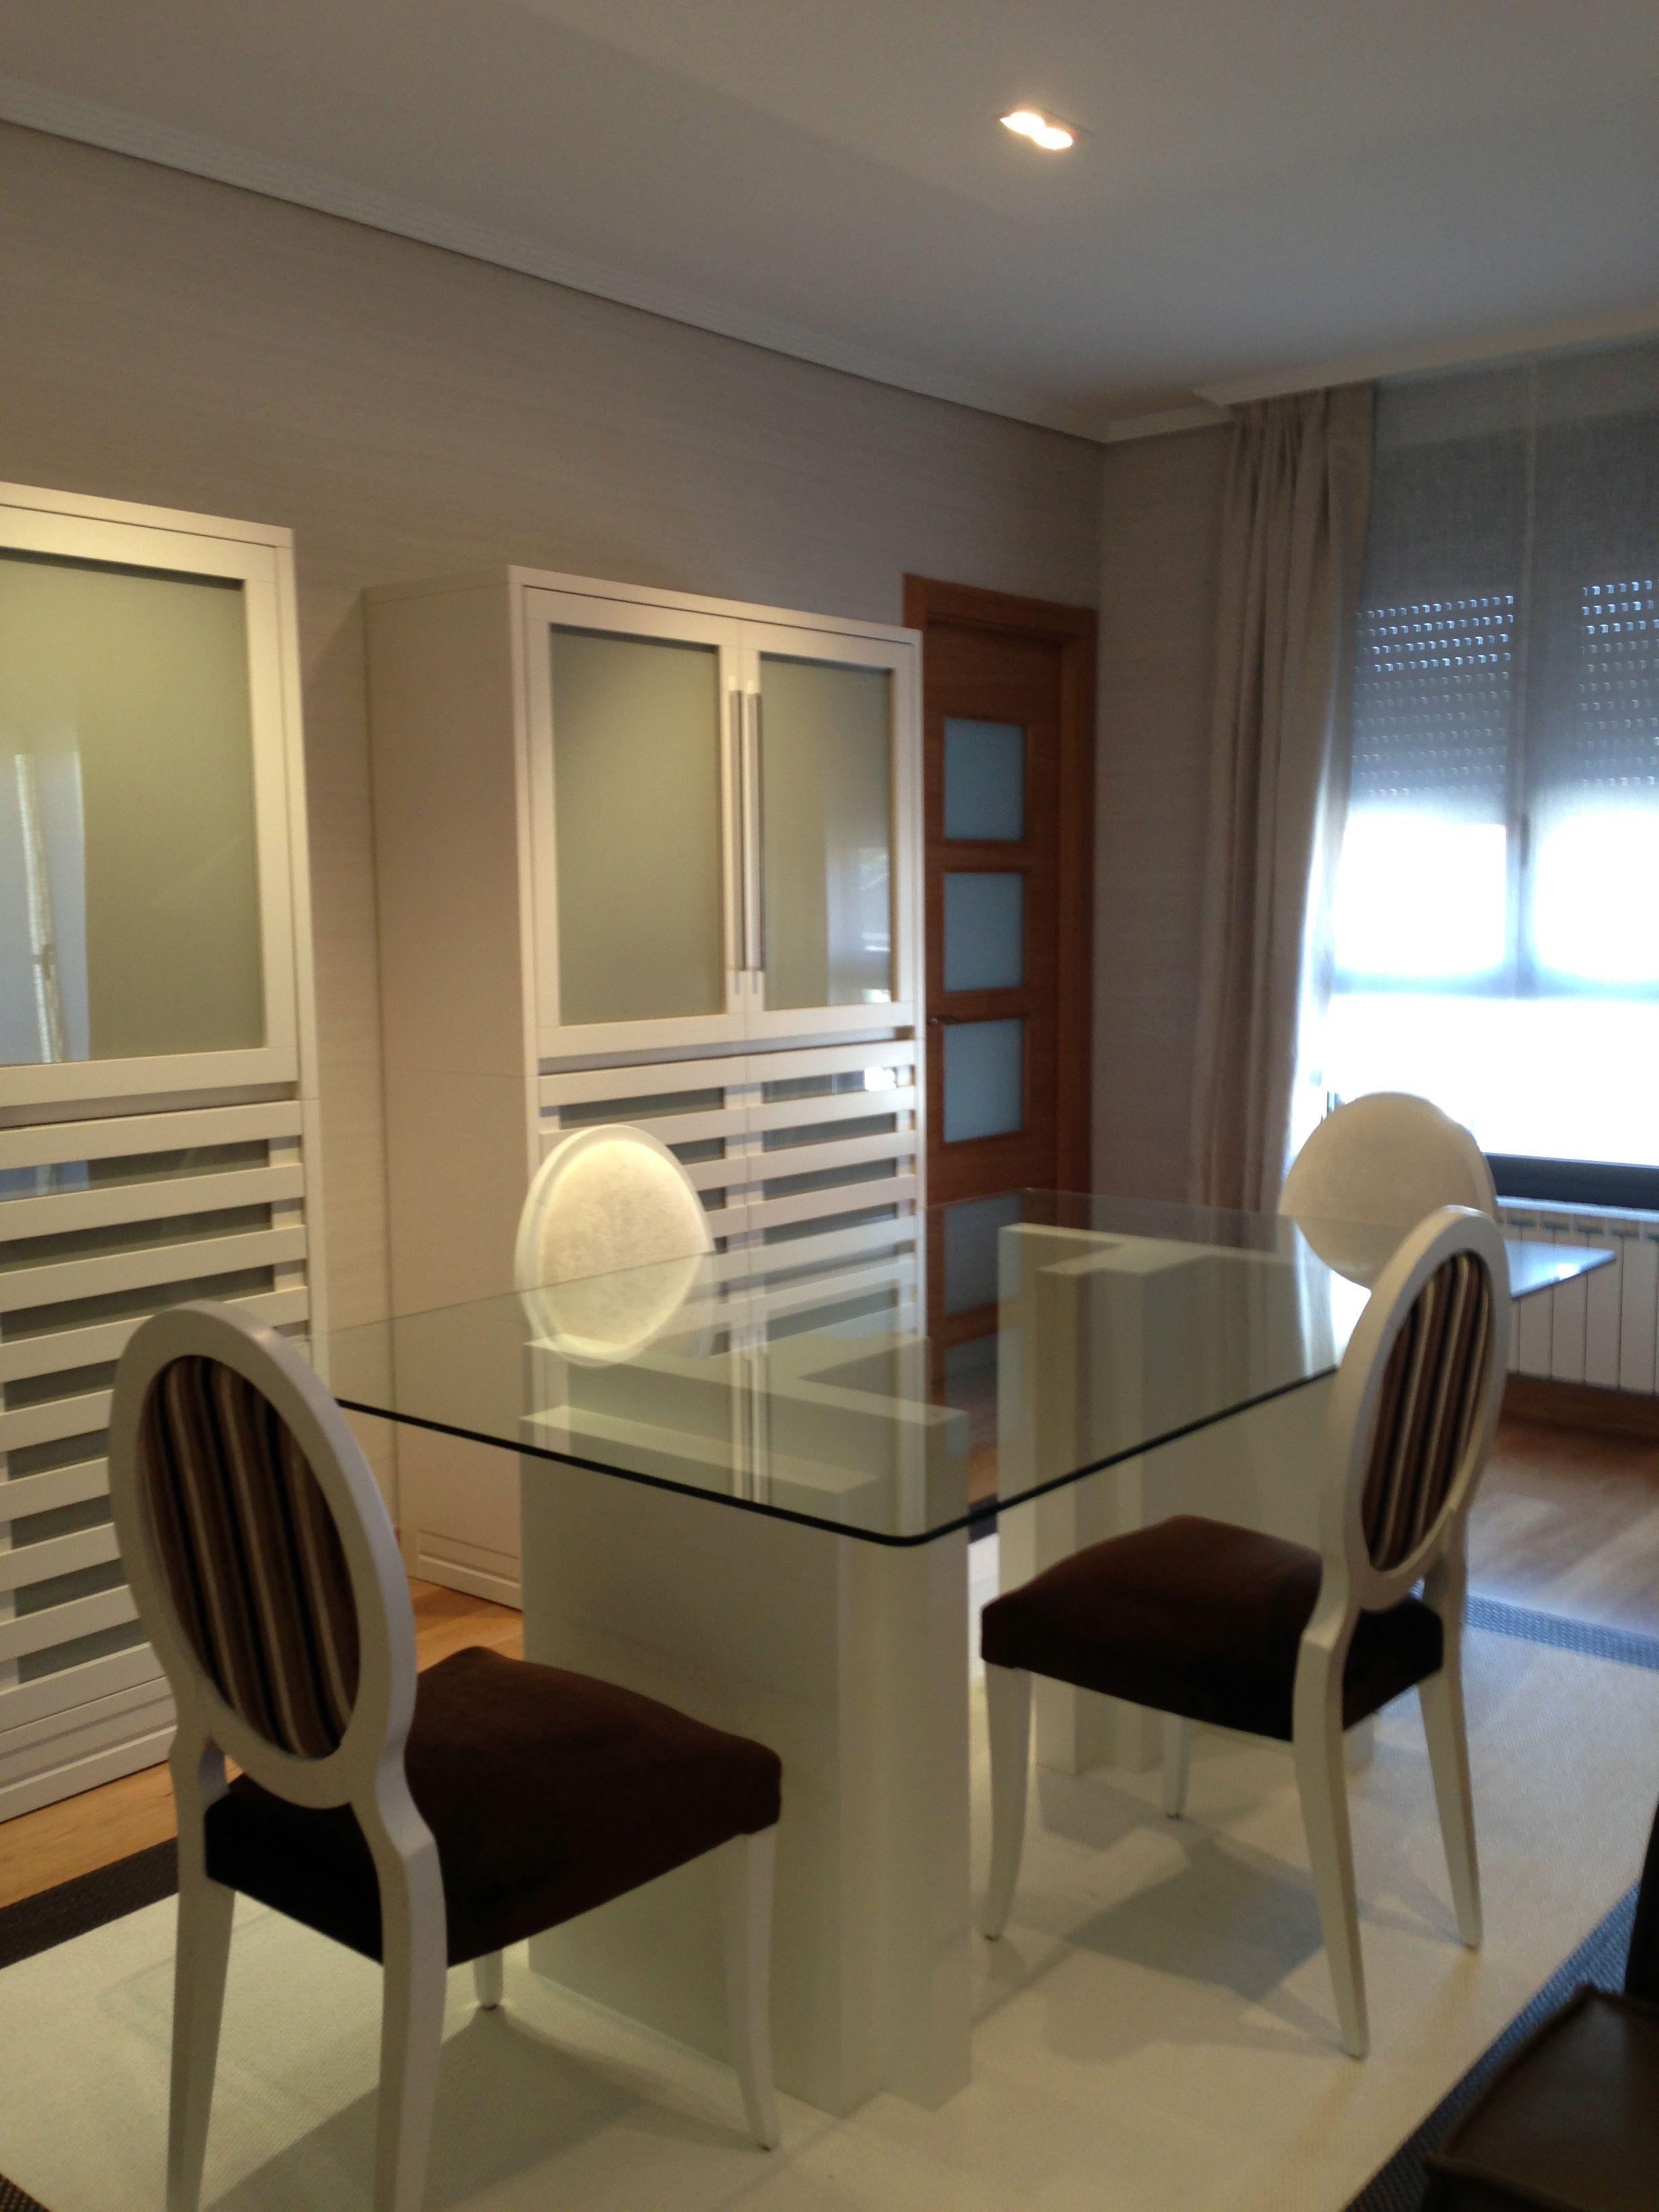 Comedor con mesa de cristal en komoda decoracion - Decoracion mesa comedor ...